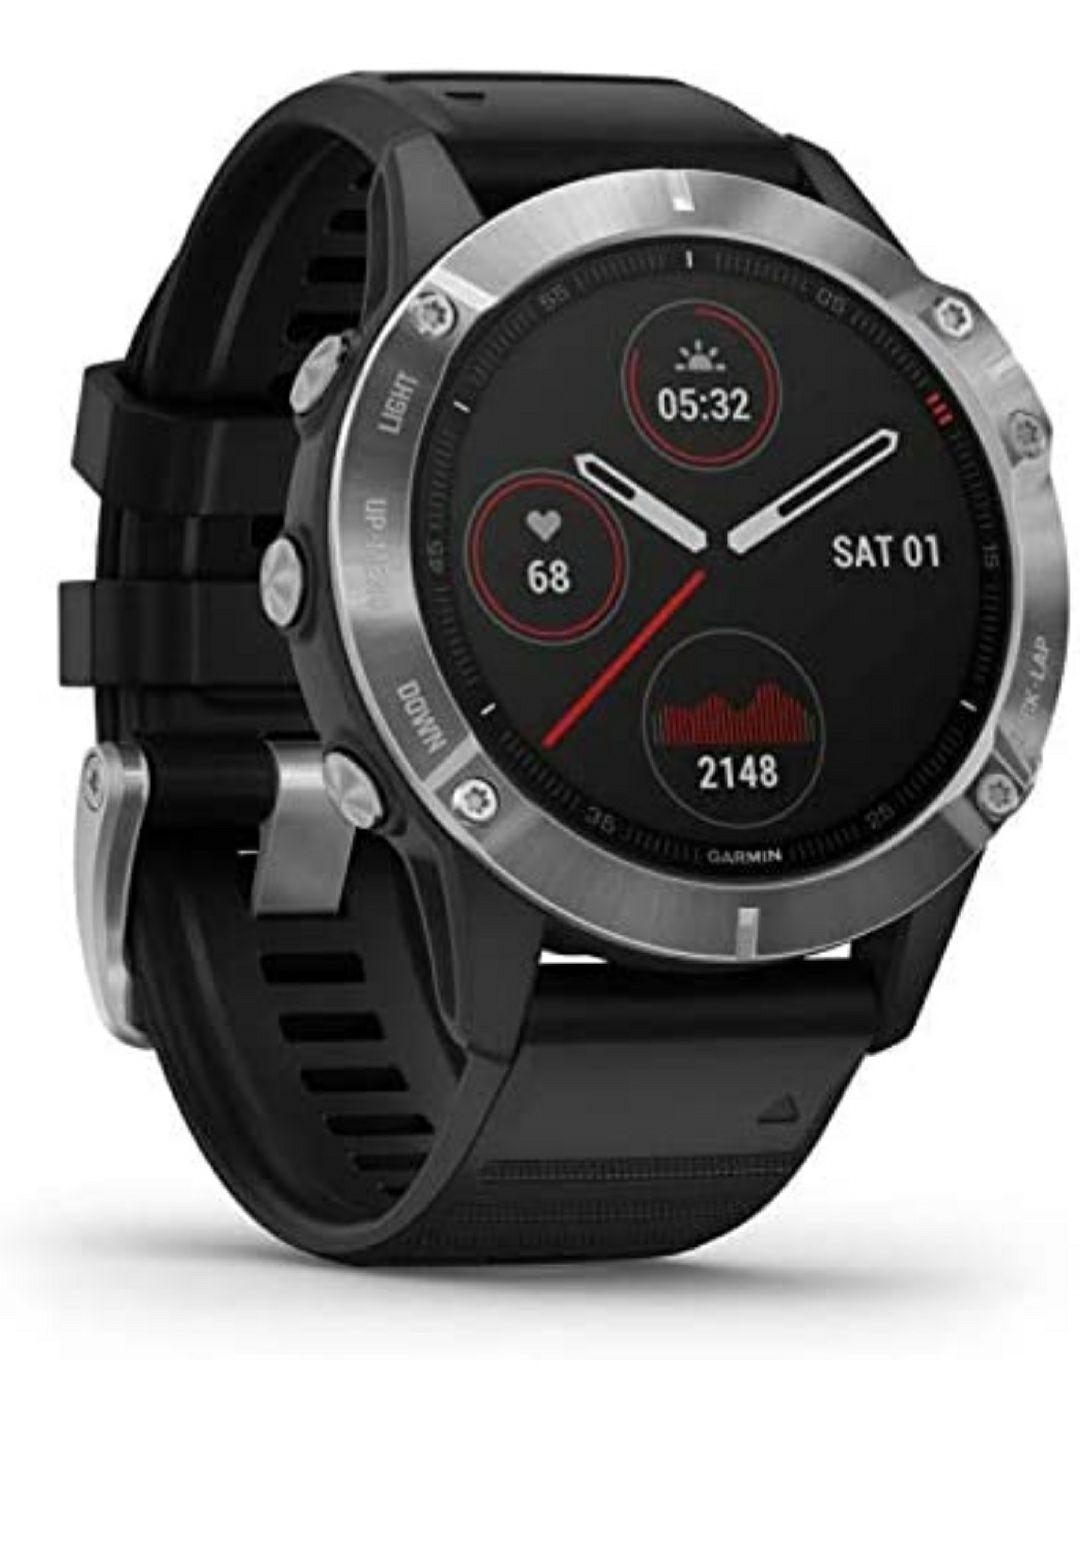 Garmin fēnix 6 - Reloj GPS multideporte definitivo con sensores, VO2 Max, frecuencia cardíaca, carga de entrenamiento (Envío incluido)